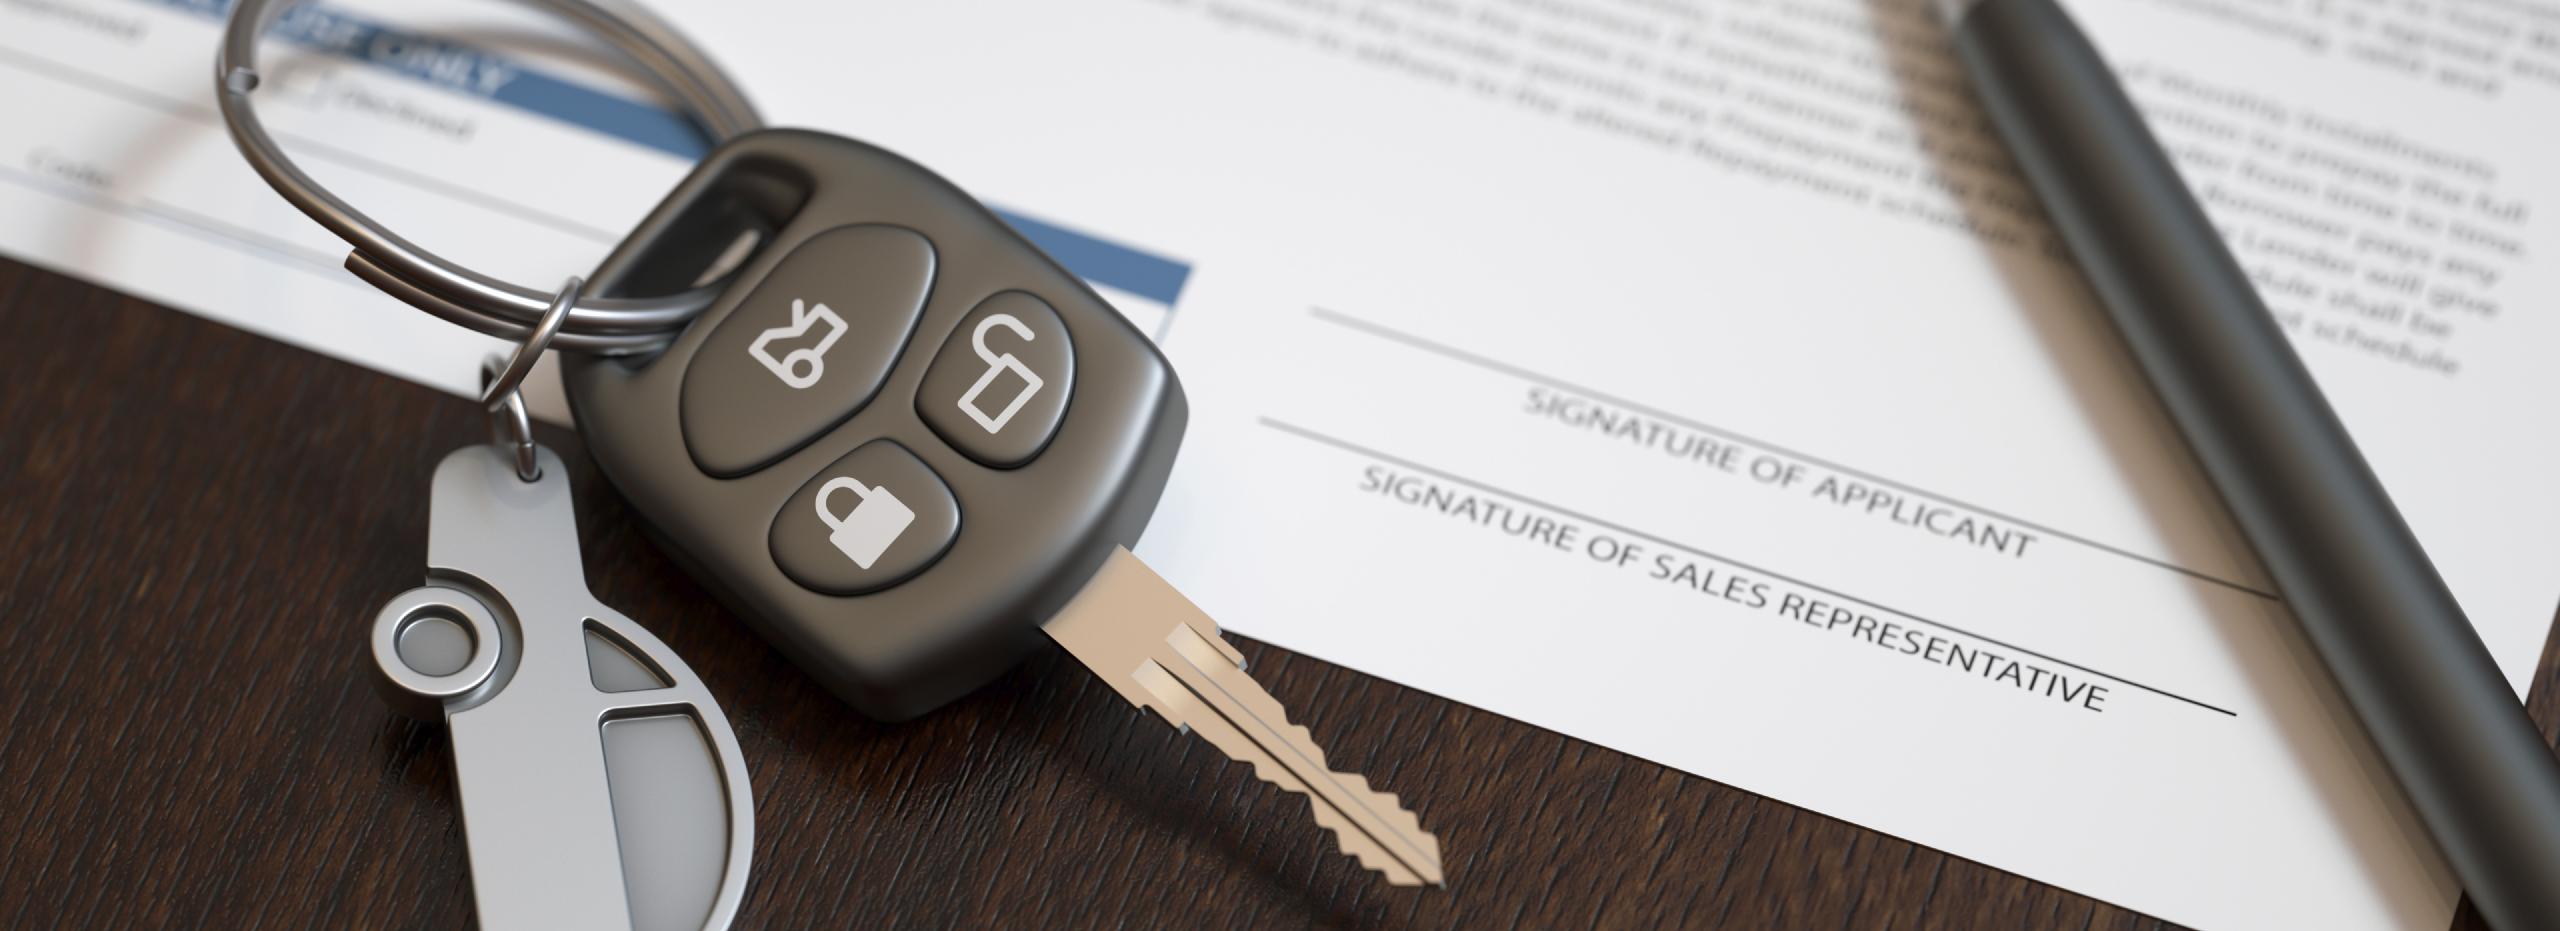 Buy vs Lease in Kansas City, MO, 64114